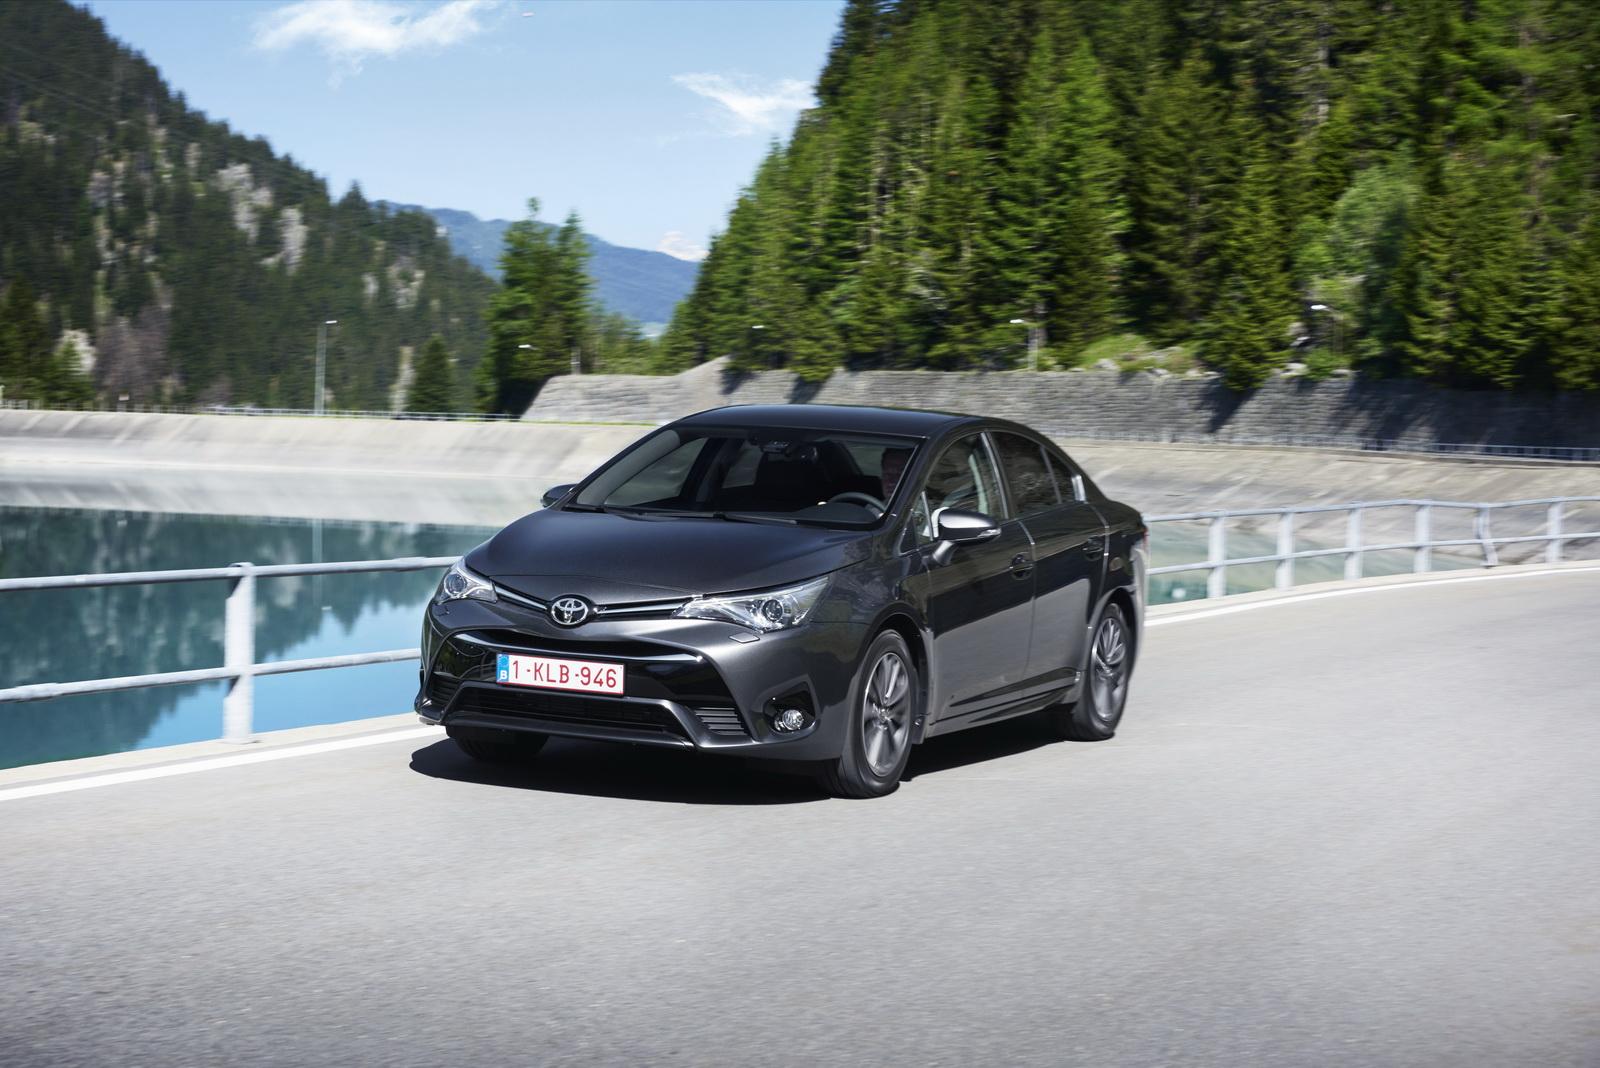 2015 Model Yeni Kasa Avensis | Autos Post